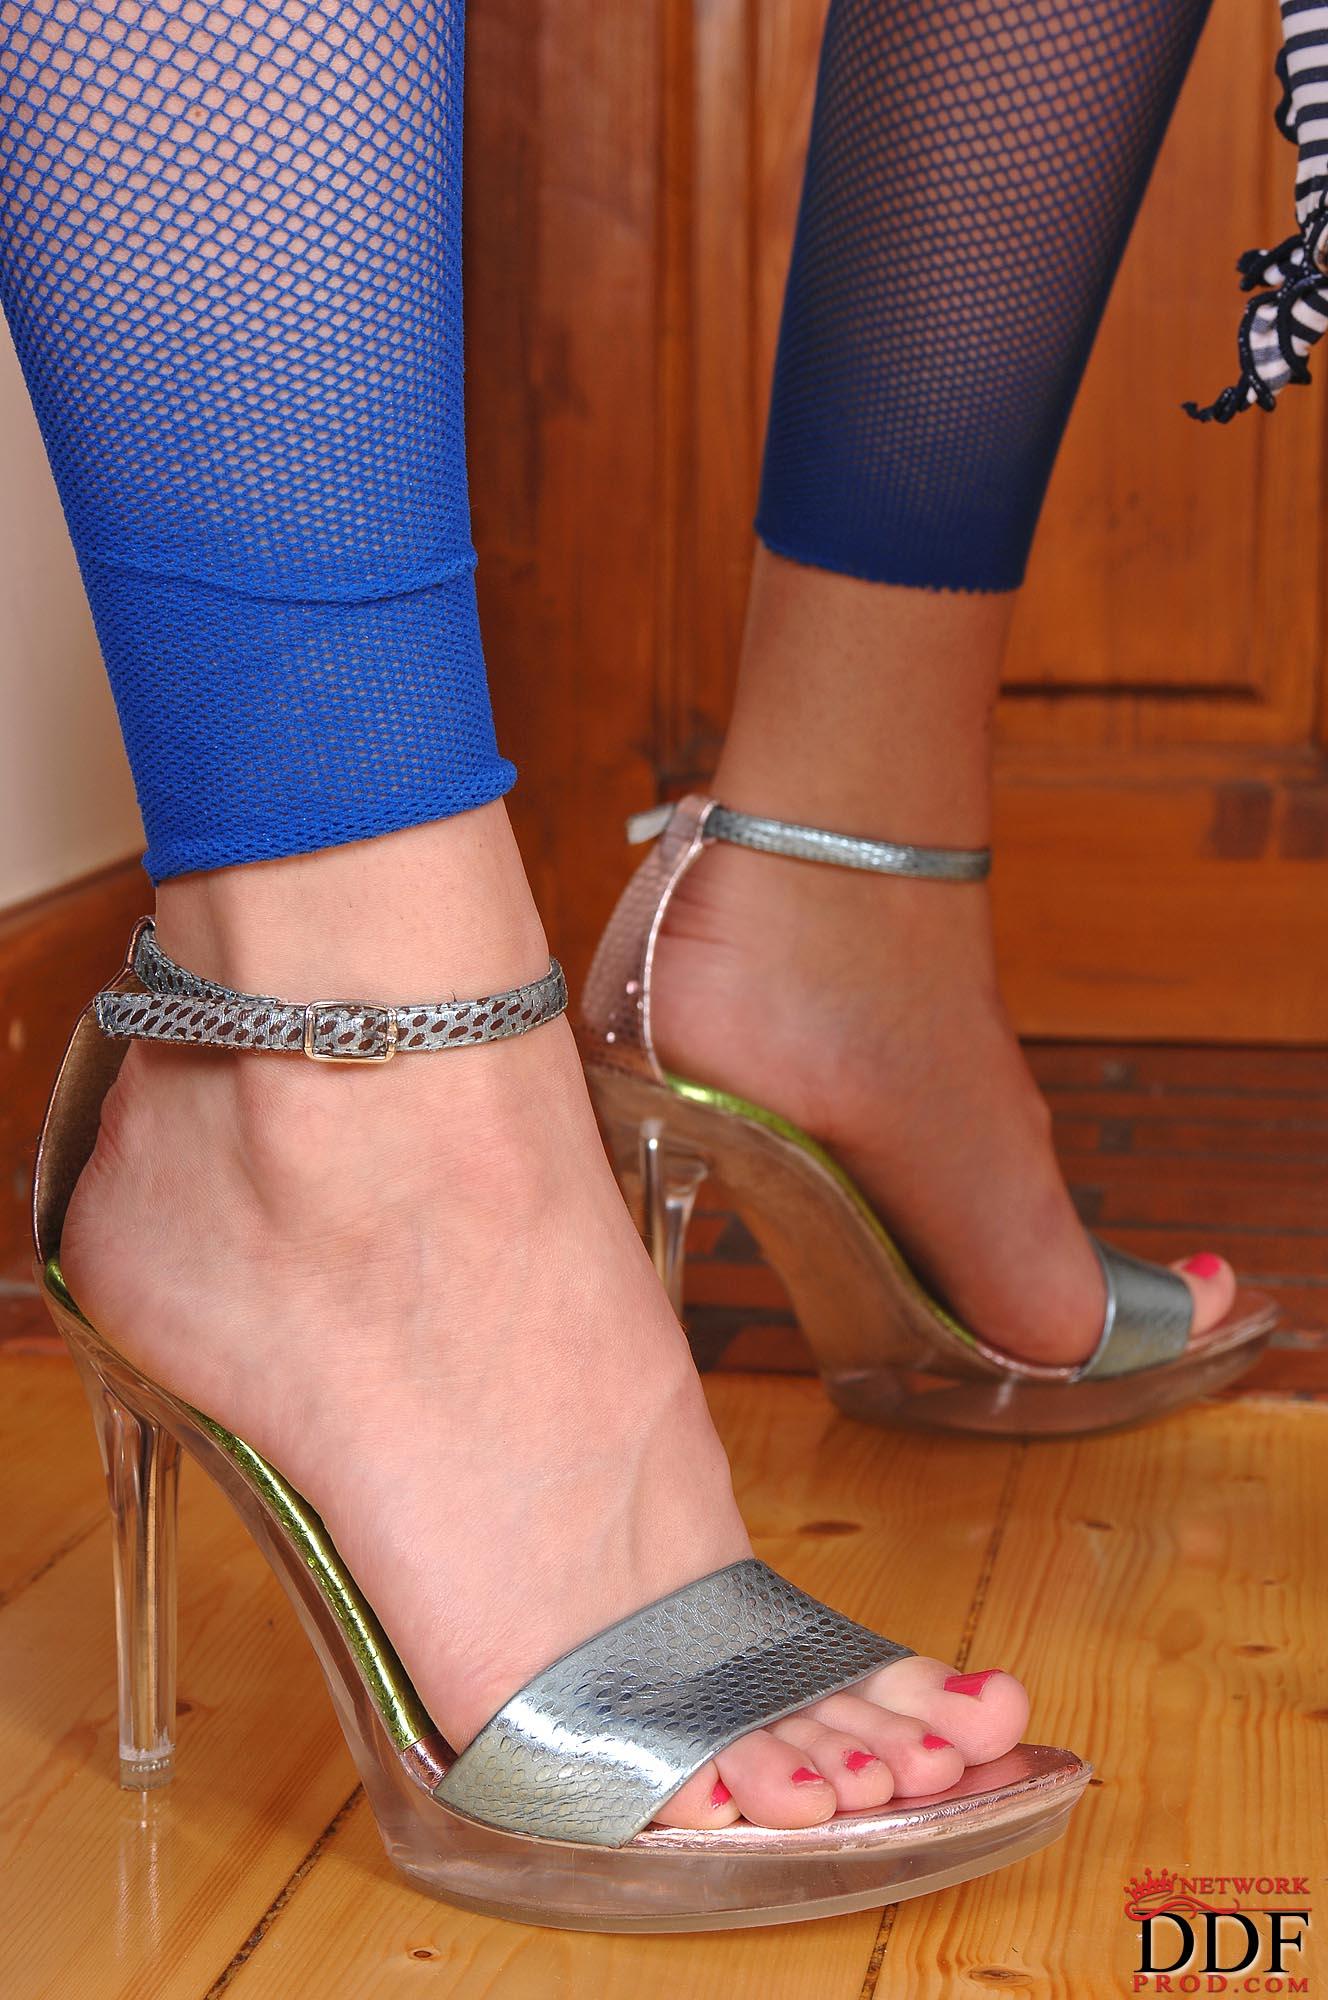 Фото лизать ступни 11 фотография